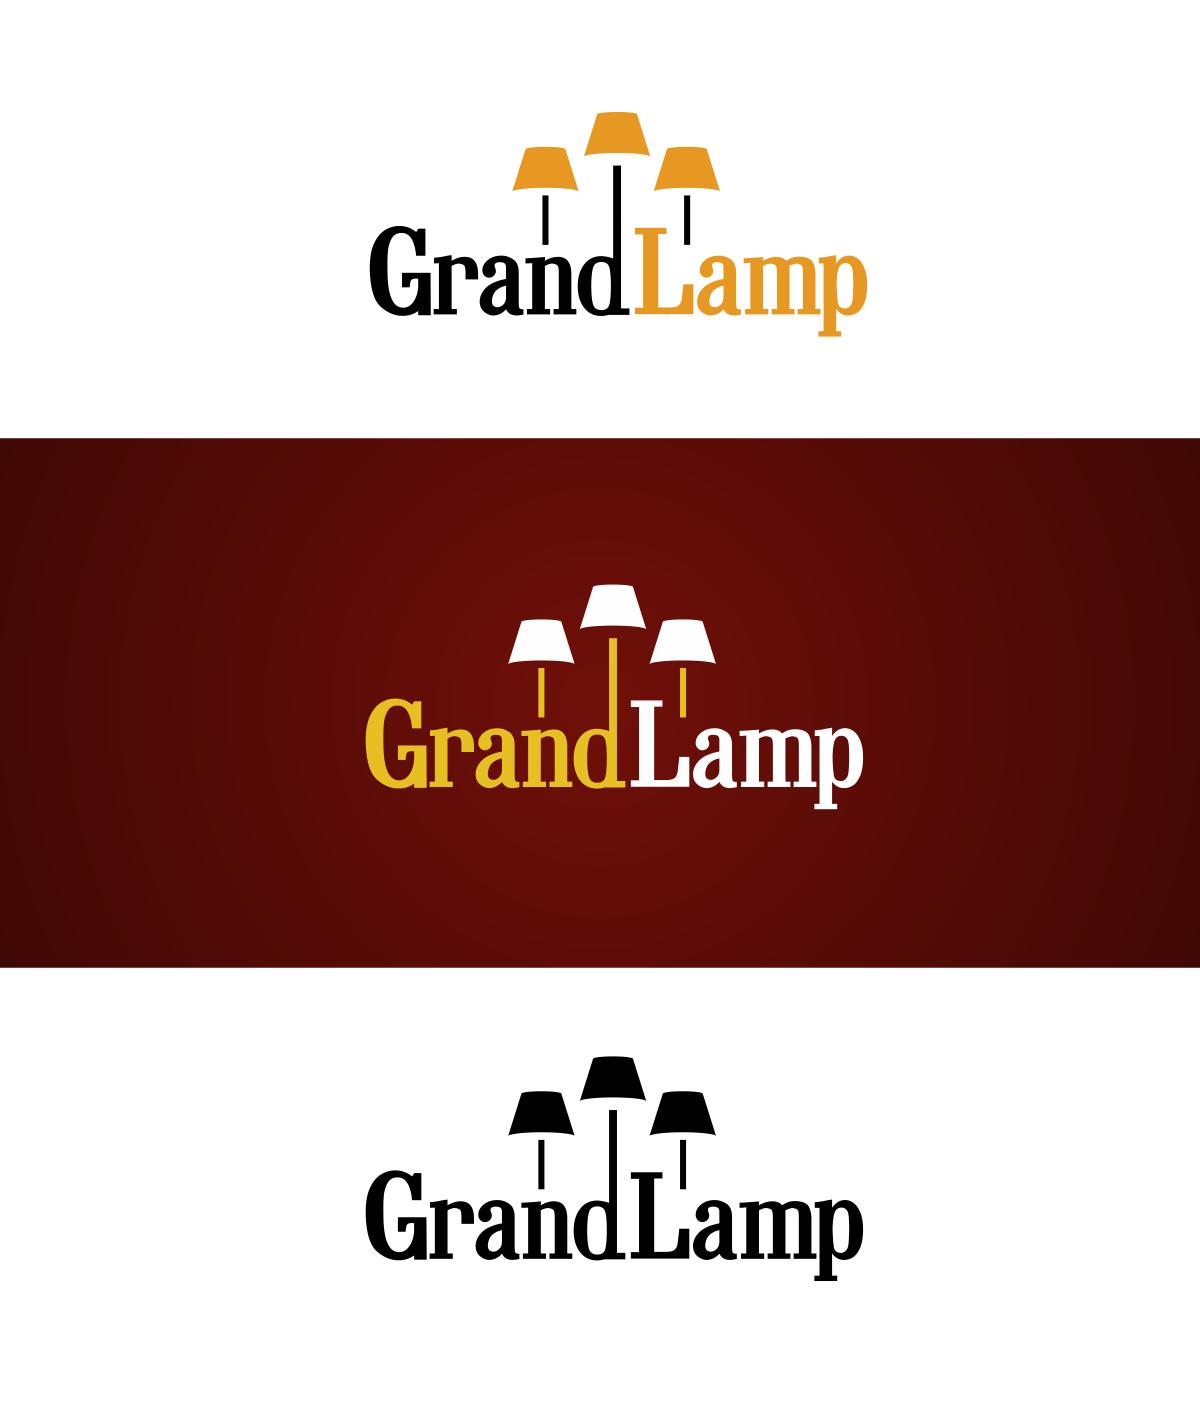 Разработка логотипа и элементов фирменного стиля фото f_29957dfbd7d61822.png